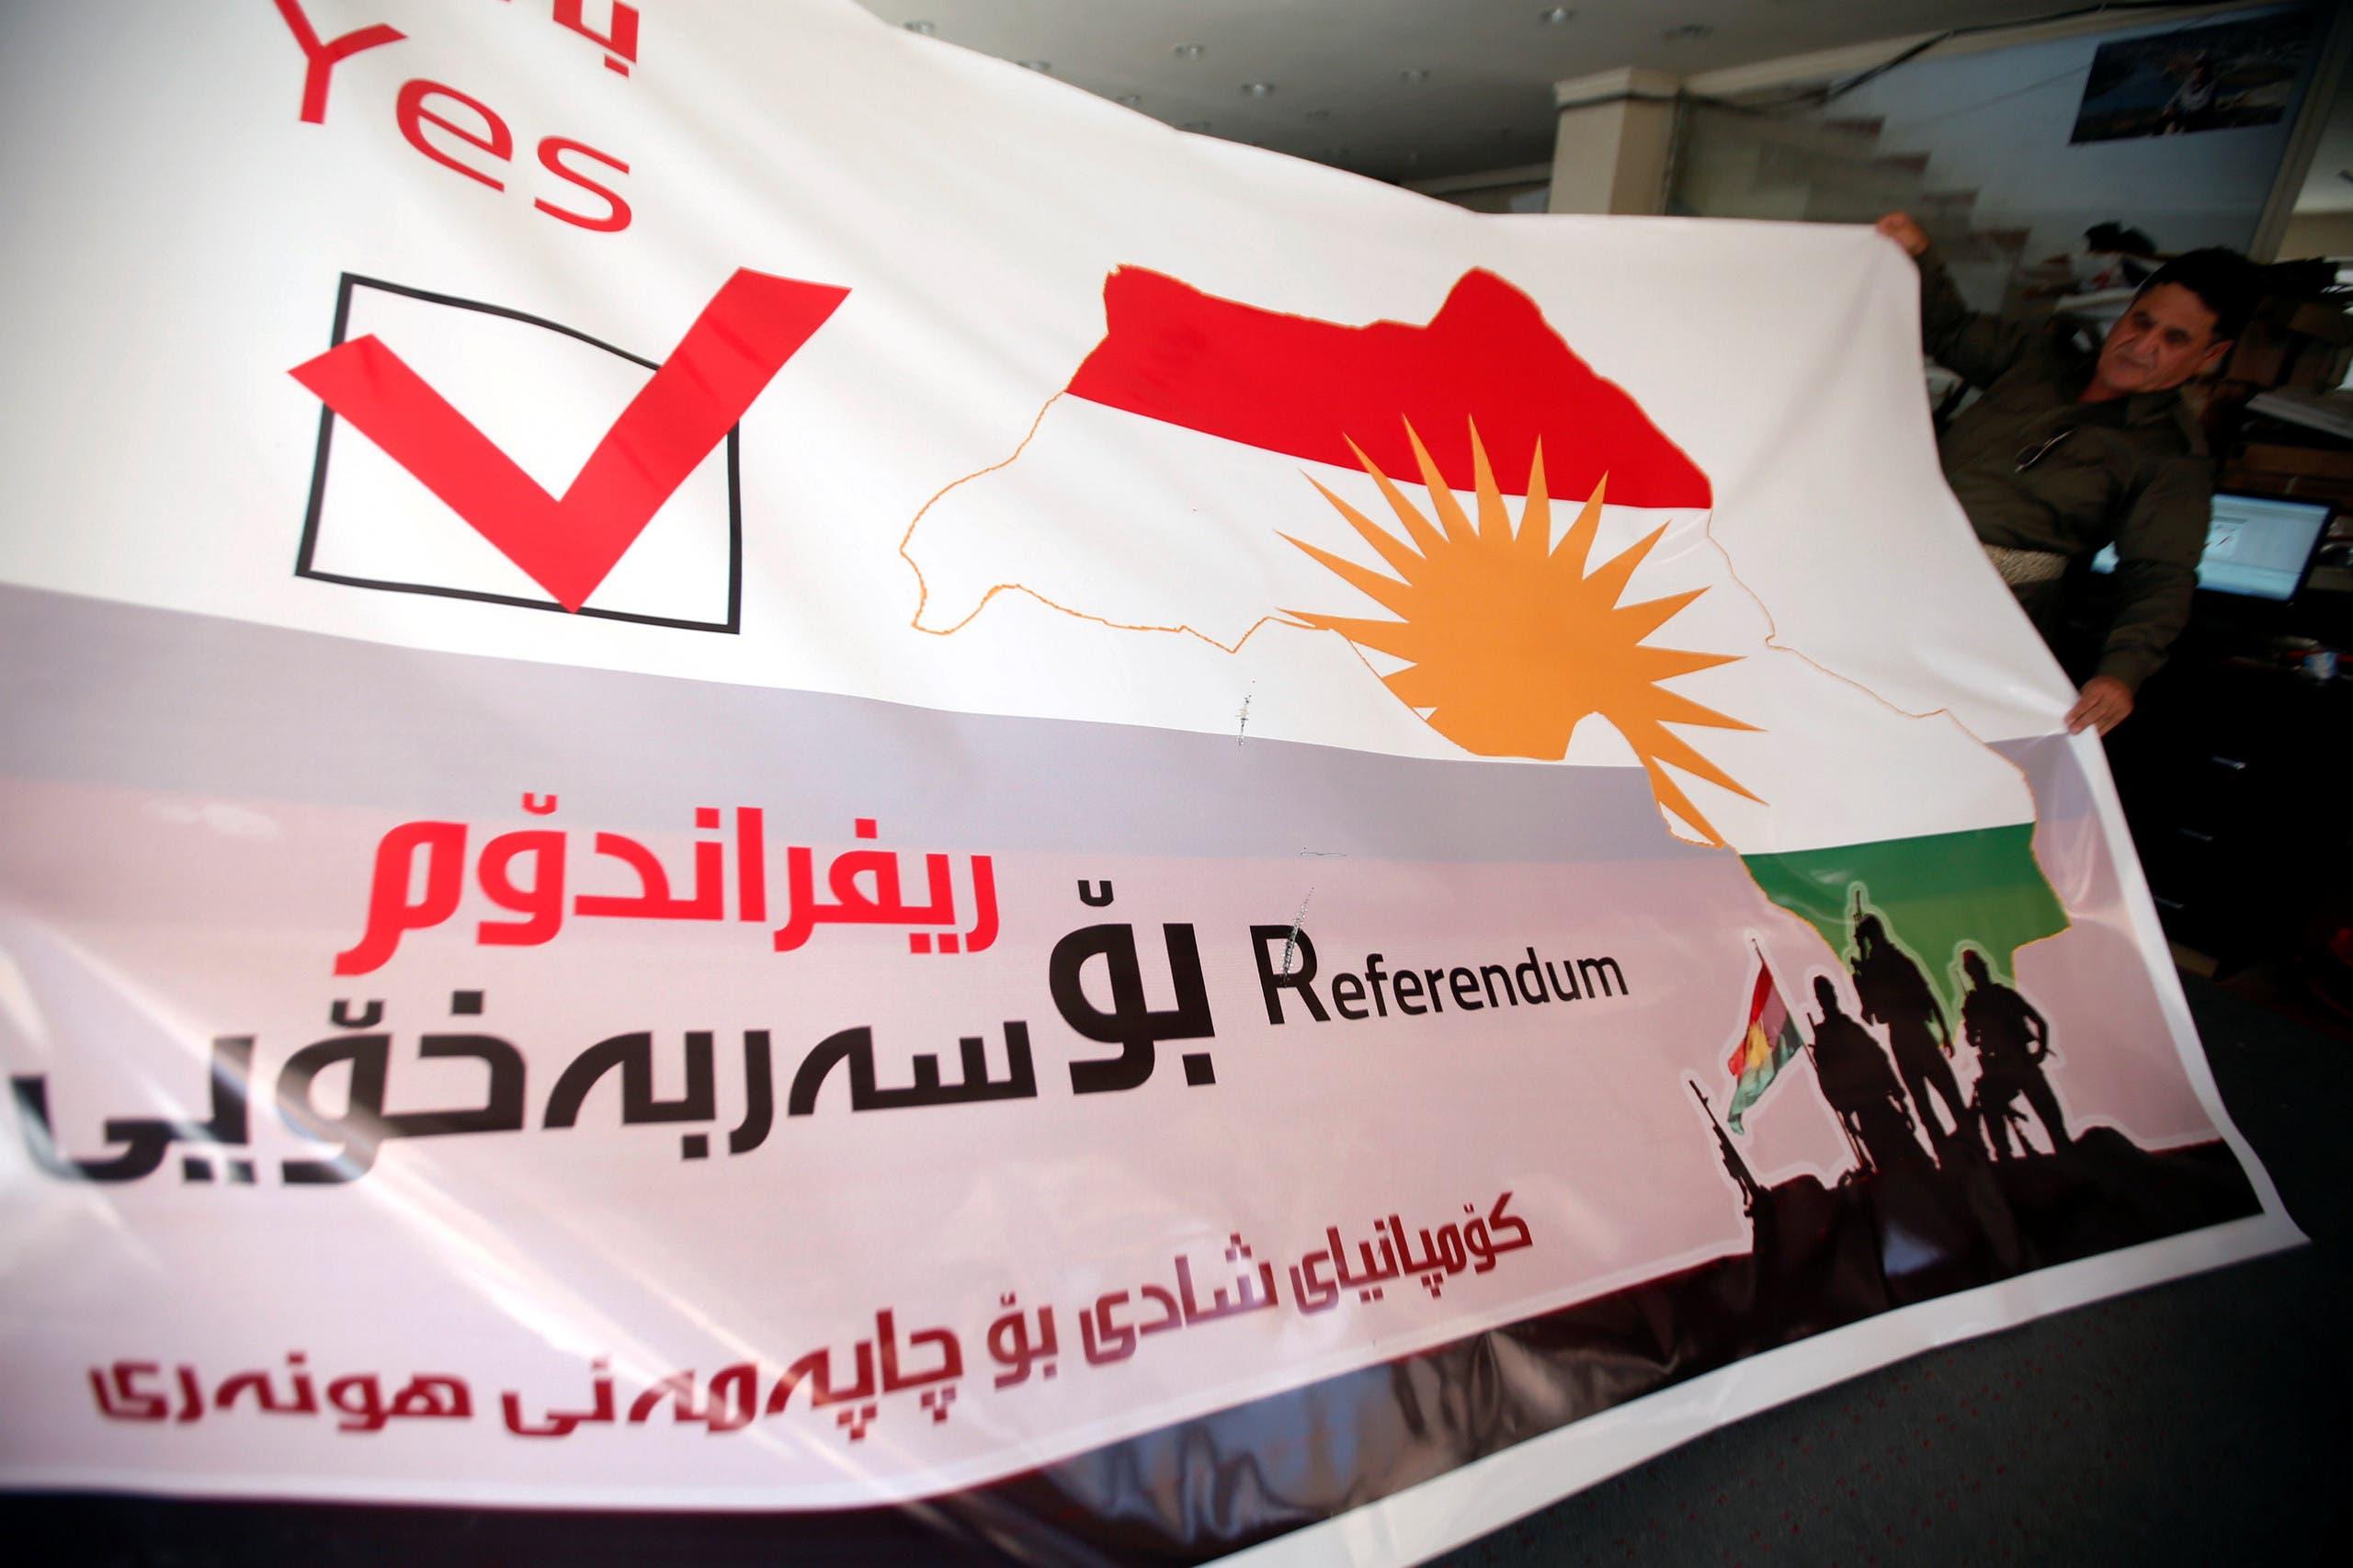 اعلان عن استفتاء كردستان المقبل